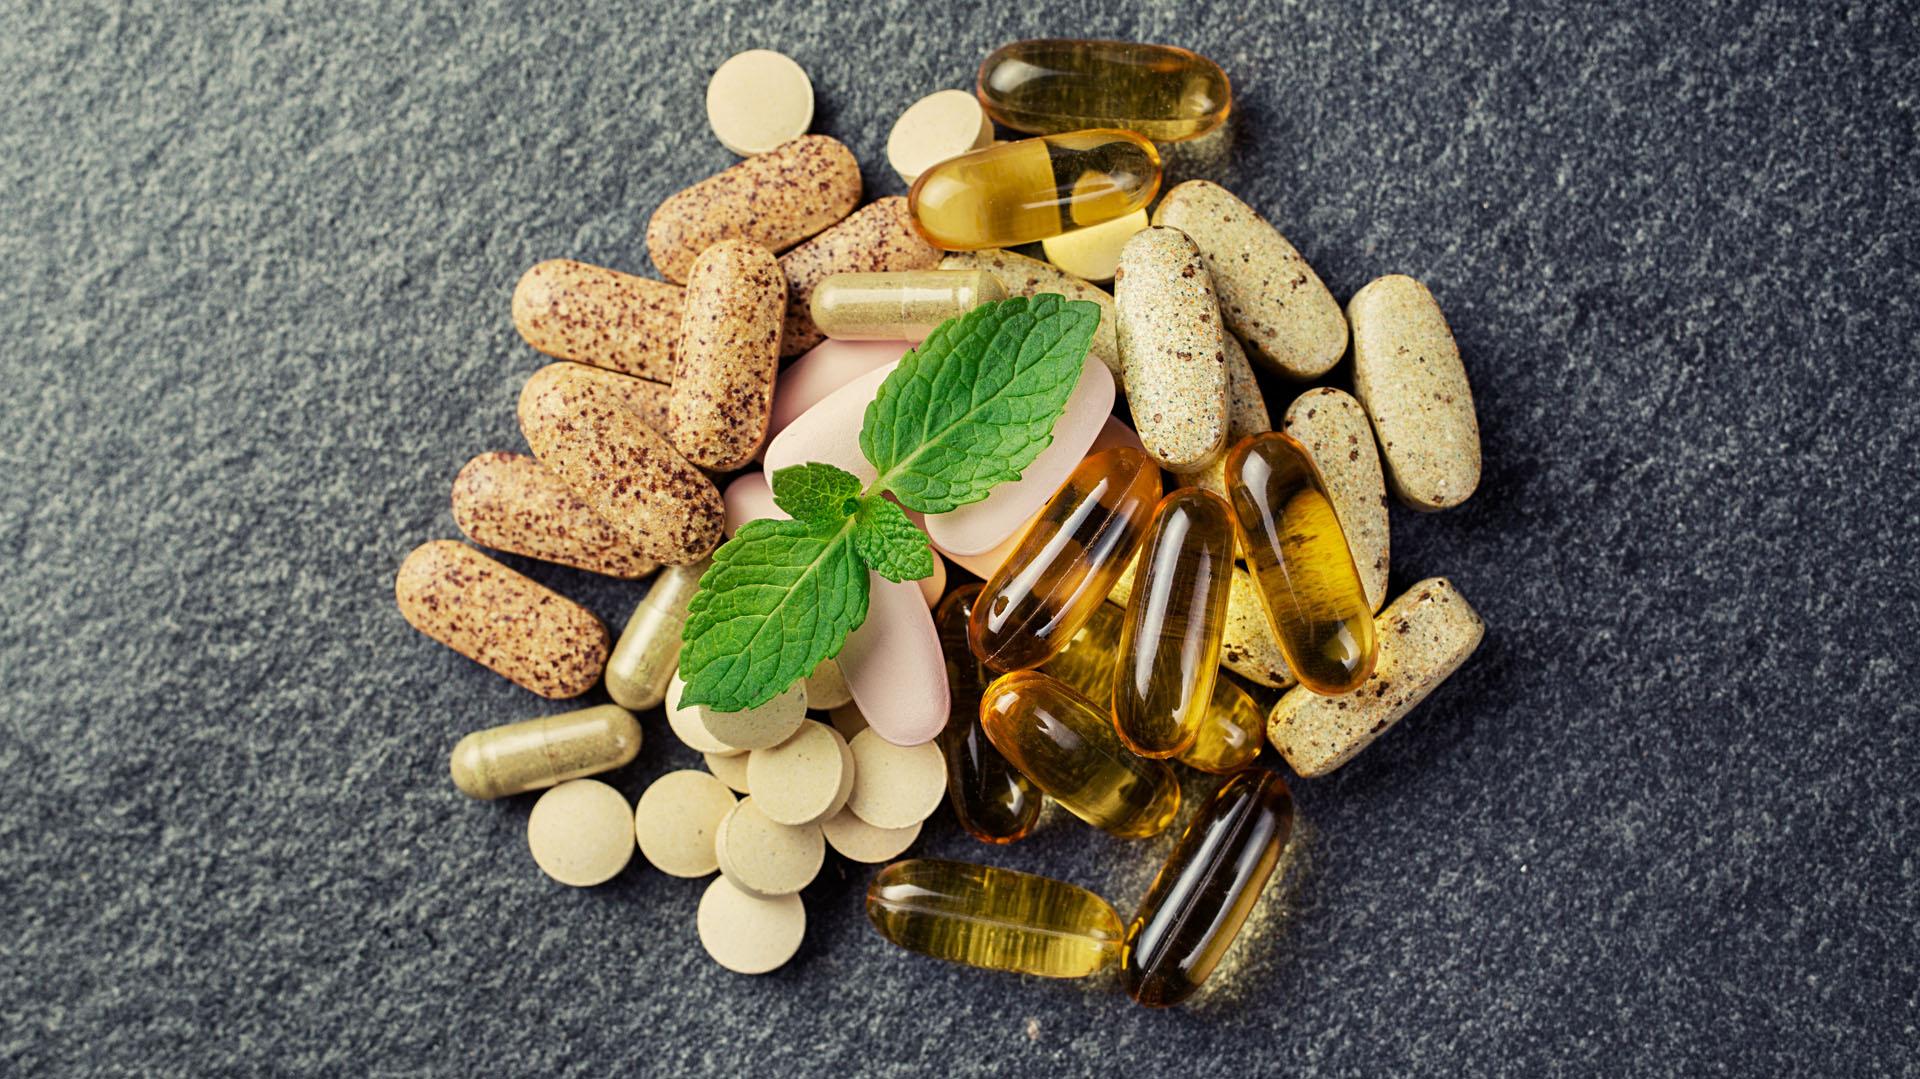 13 suplementos dietarios que pueden ser fatales - Infobae